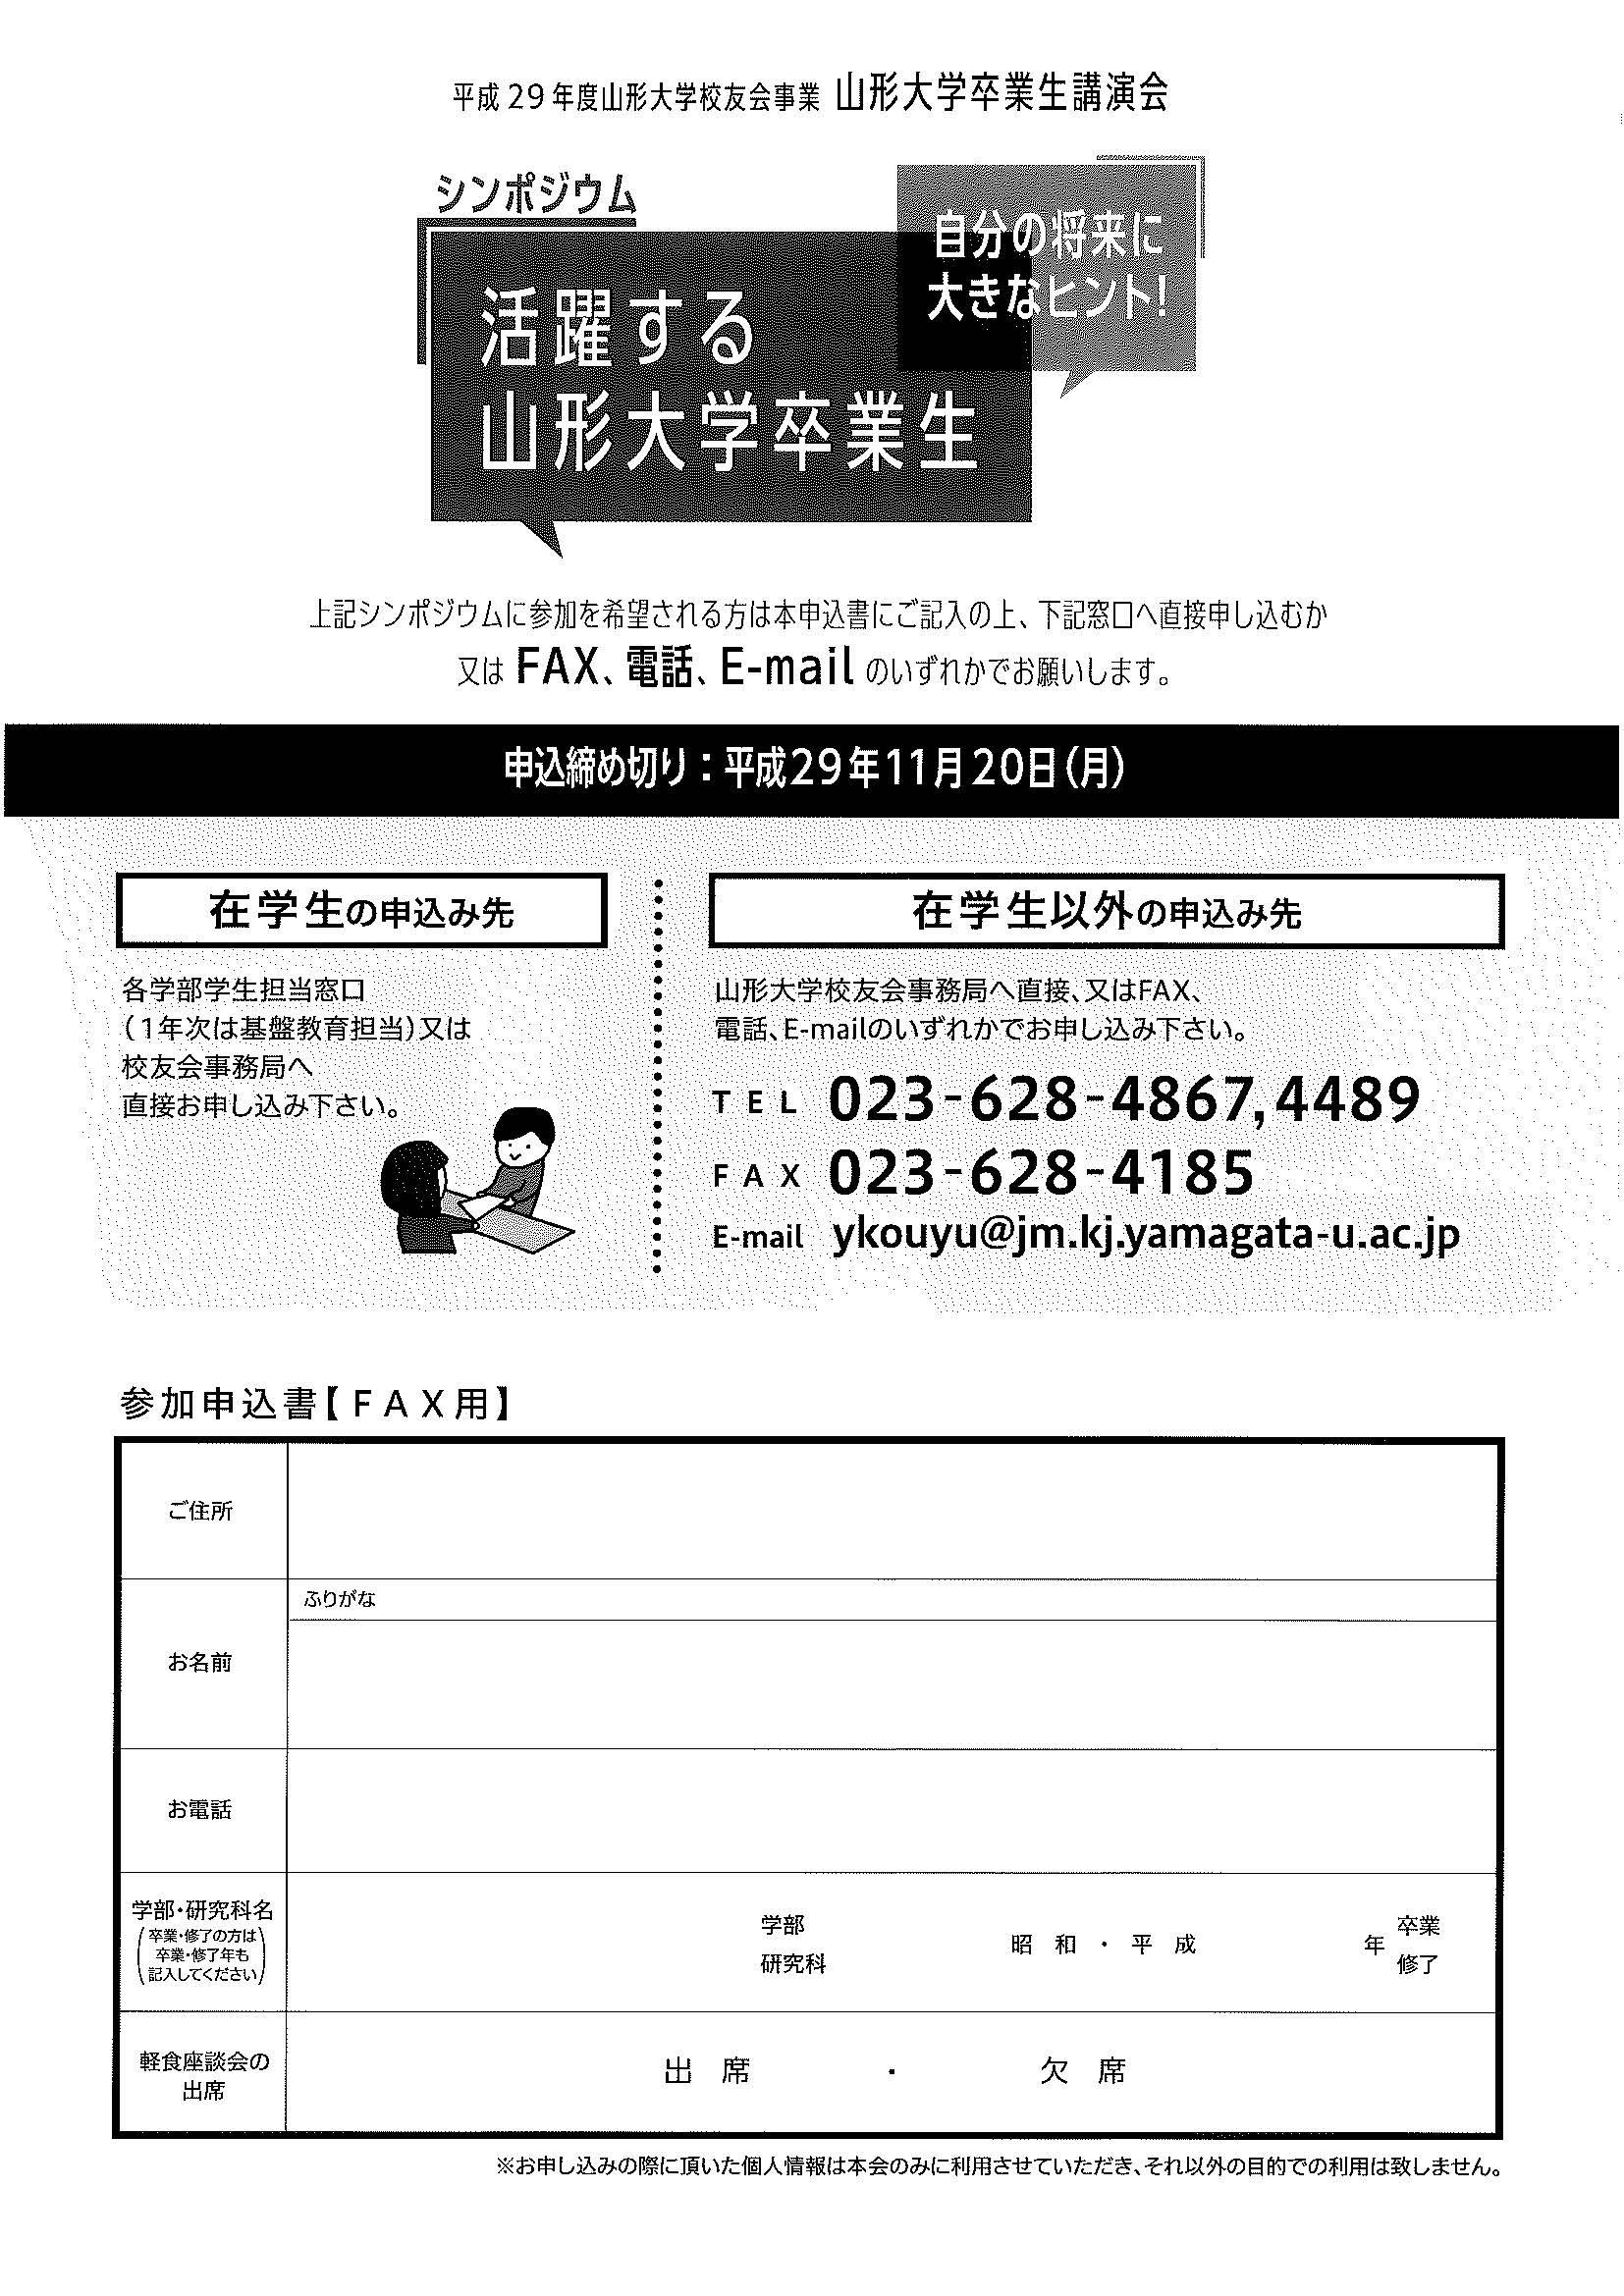 ポスター(29卒業生講演会) 申込書